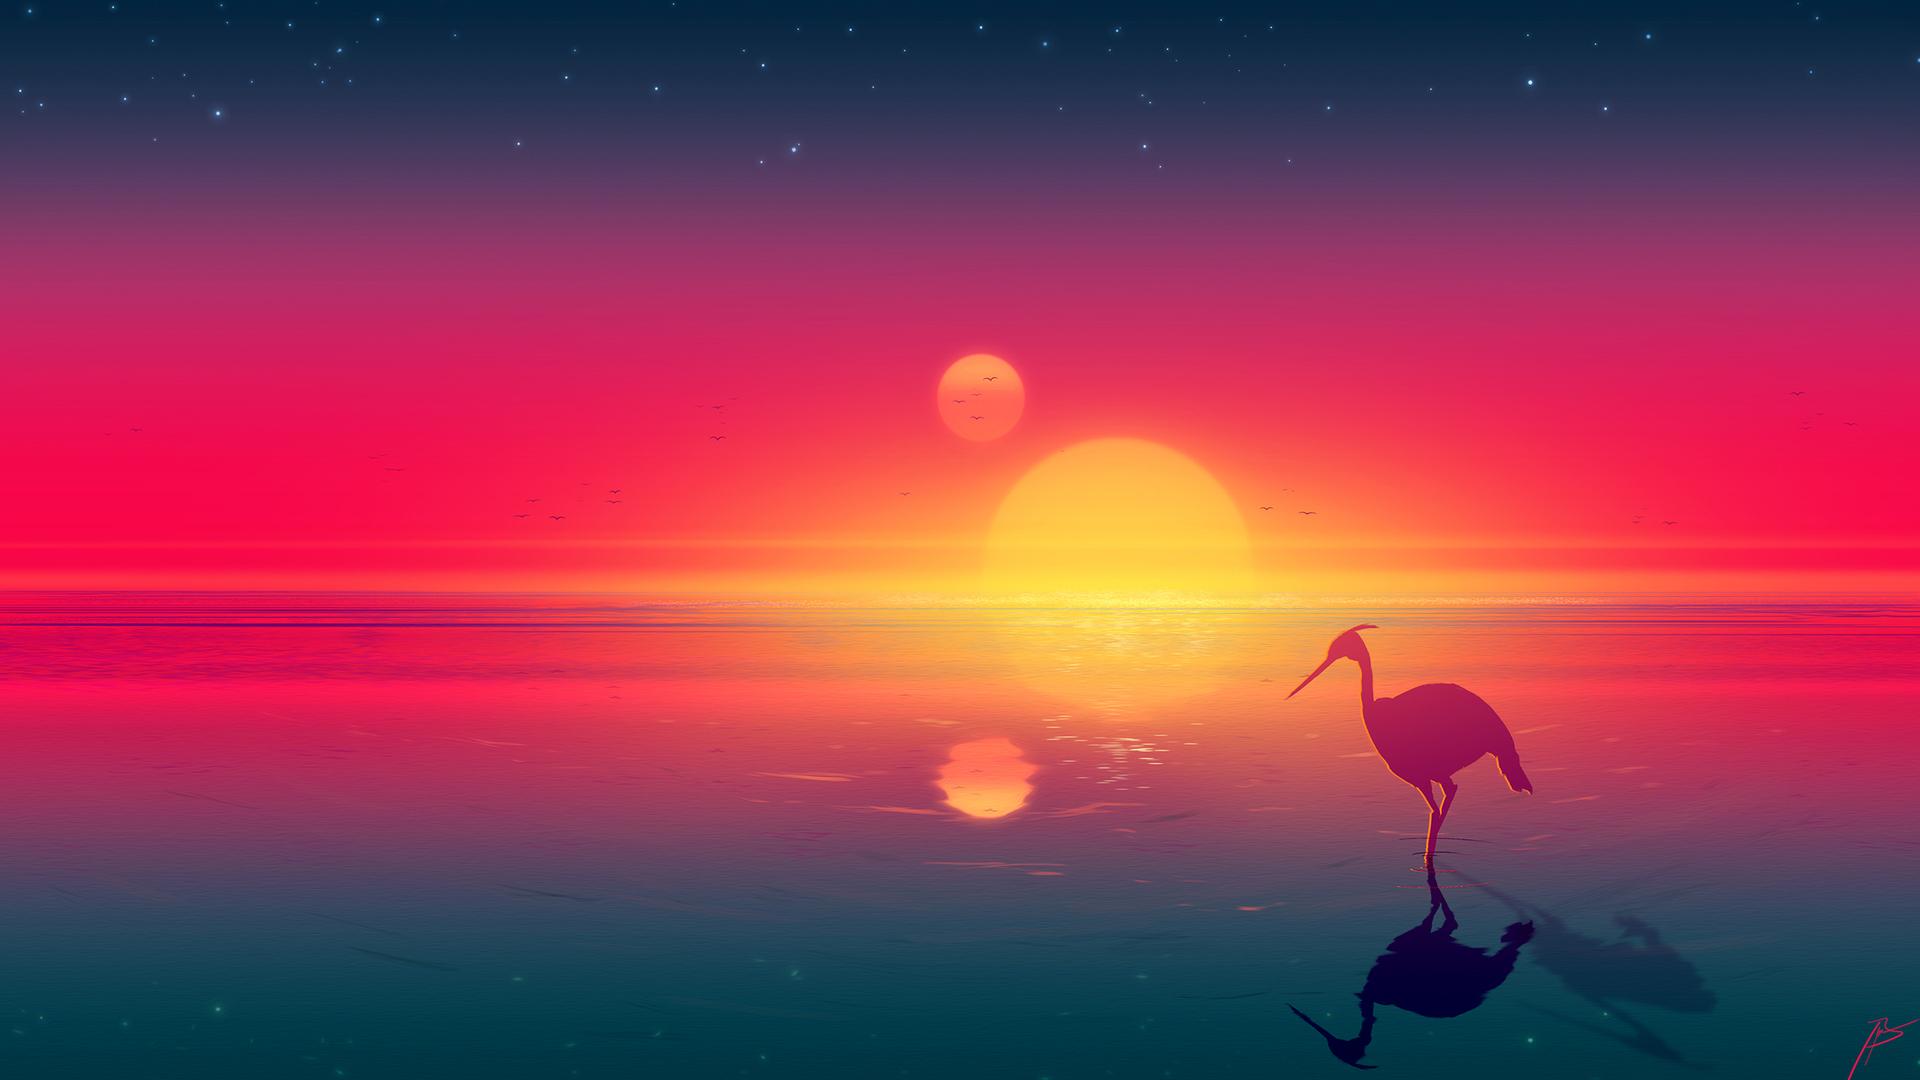 1920x1080 Flamingo Digital Art Laptop Full Hd 1080p Hd 4k